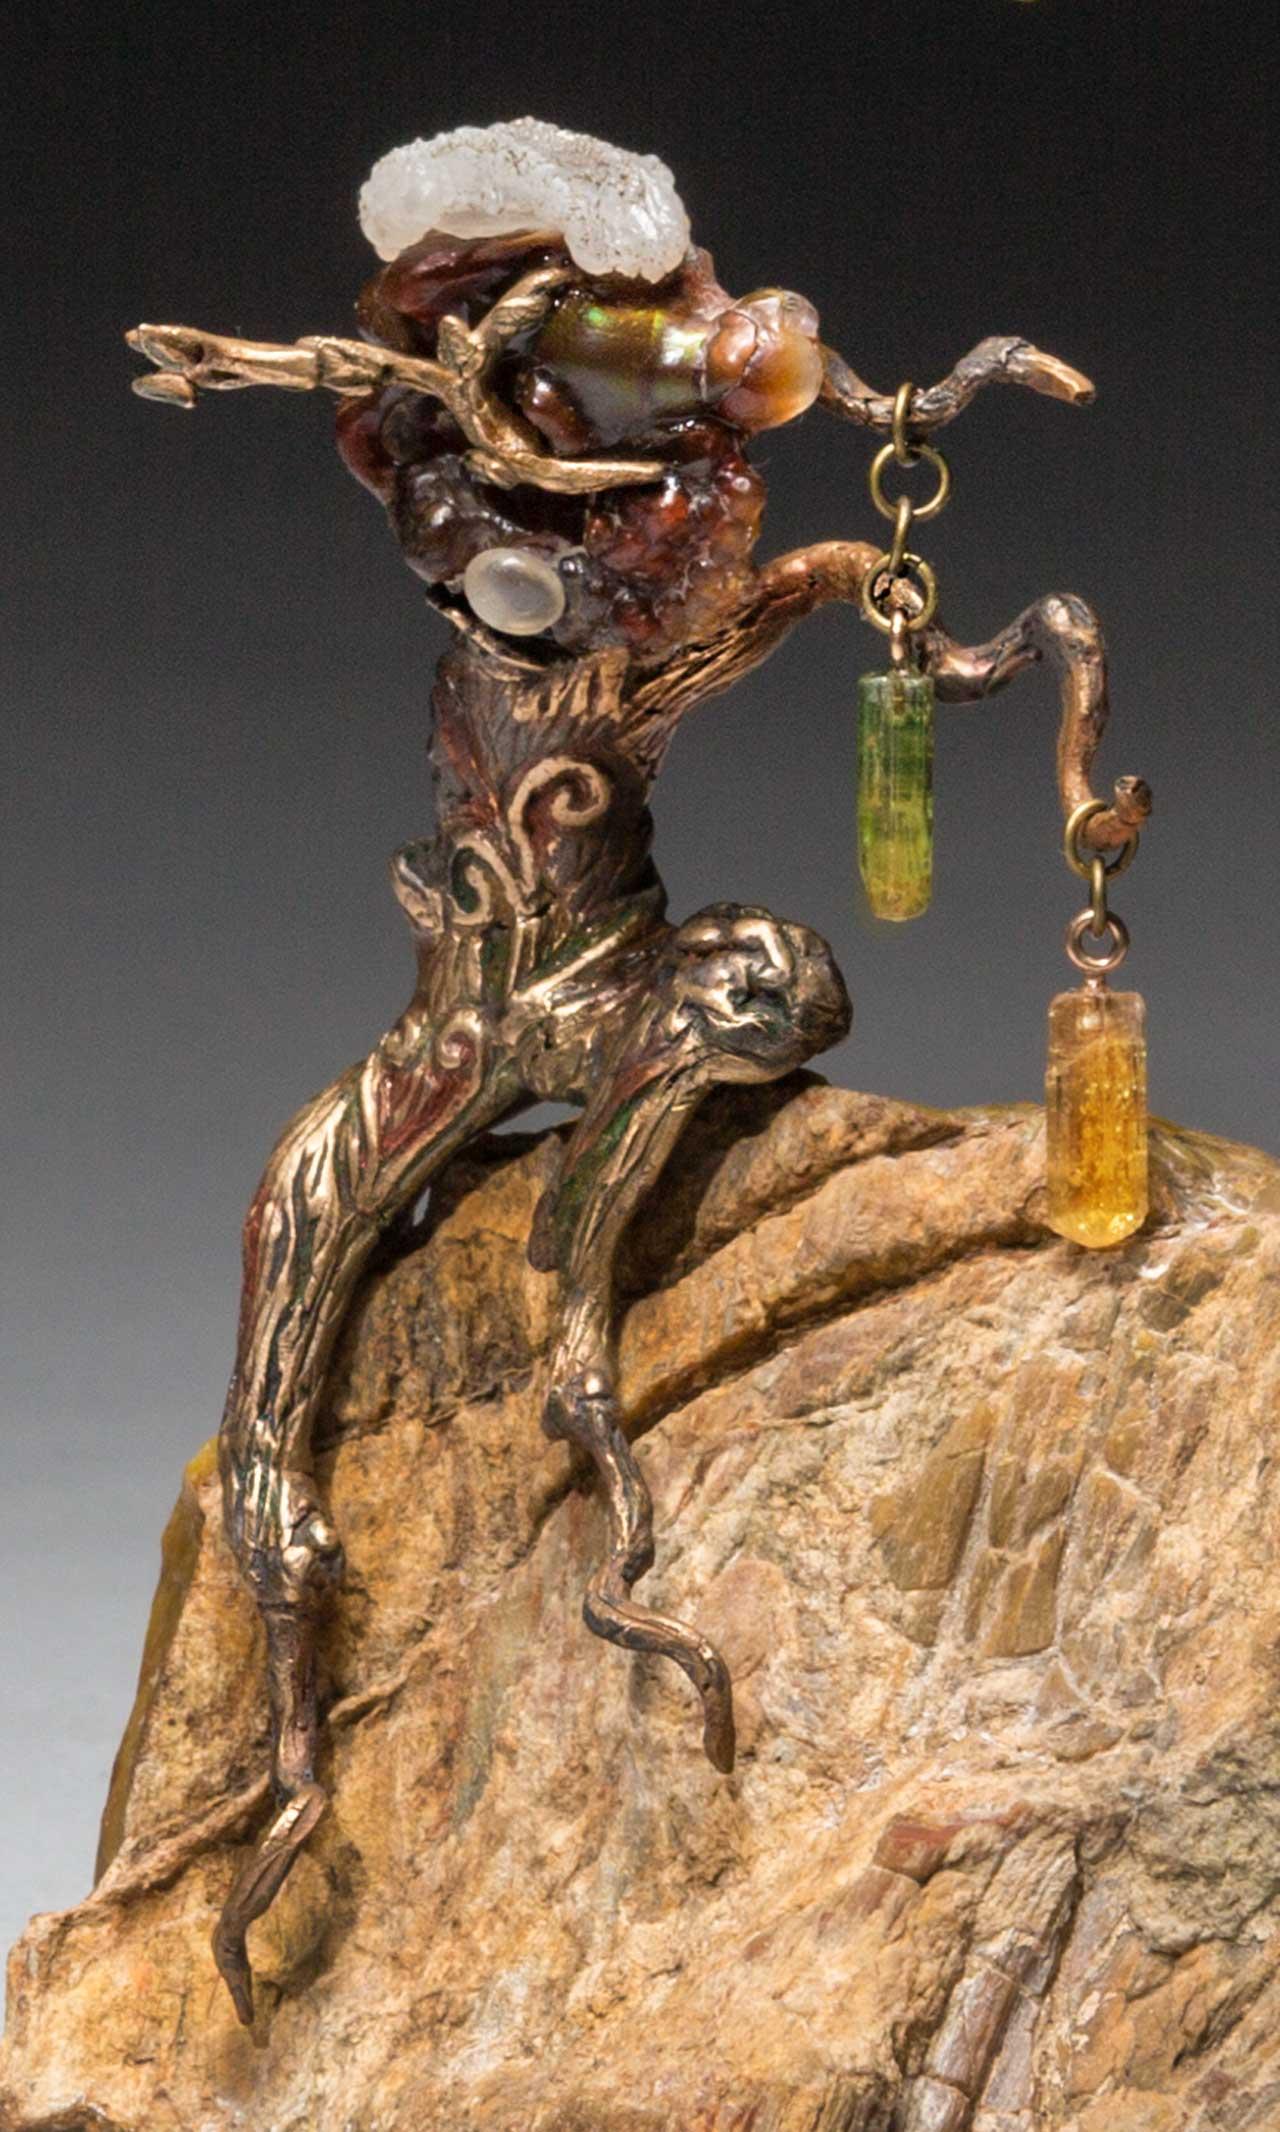 metal sculpture: forest spirit close up